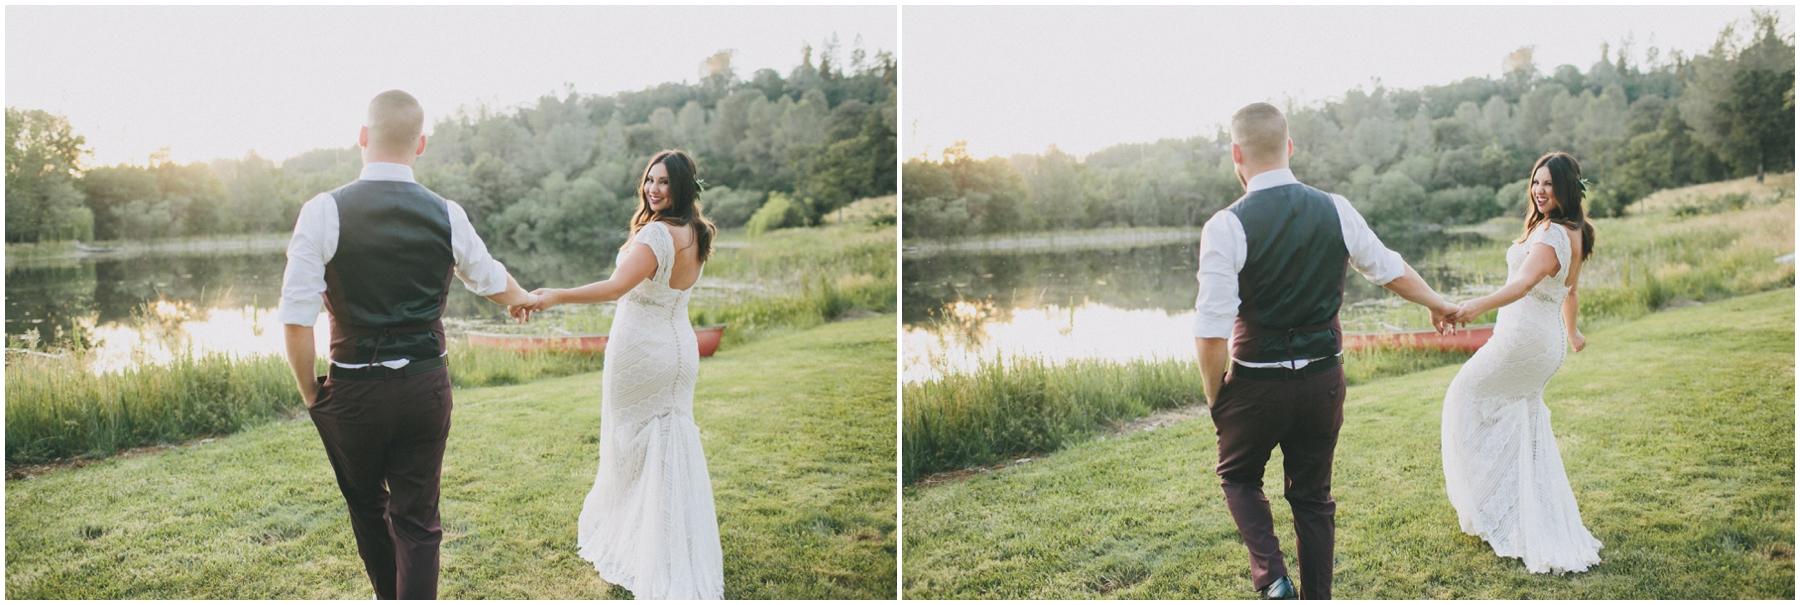 amandabrendan-wedding_web_0123